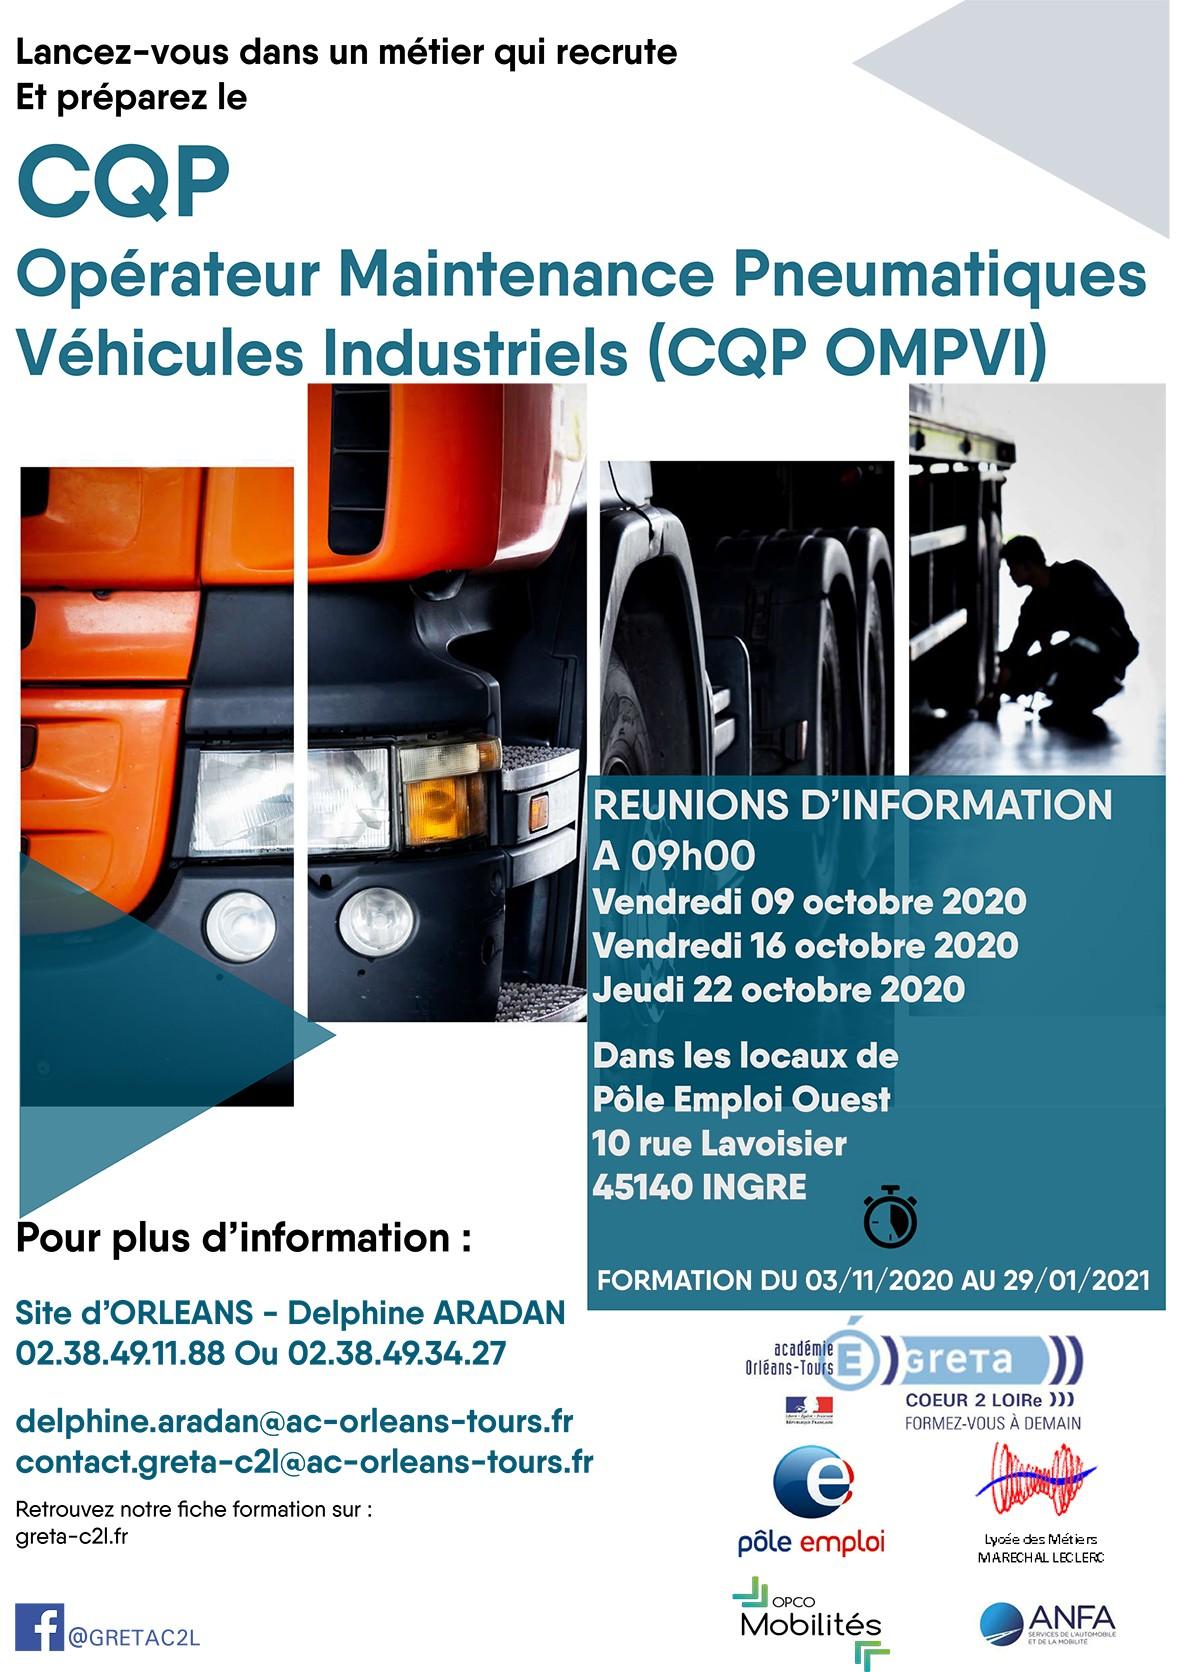 Affiche du Technopolys CQP OMPVI de la Motte Servolex